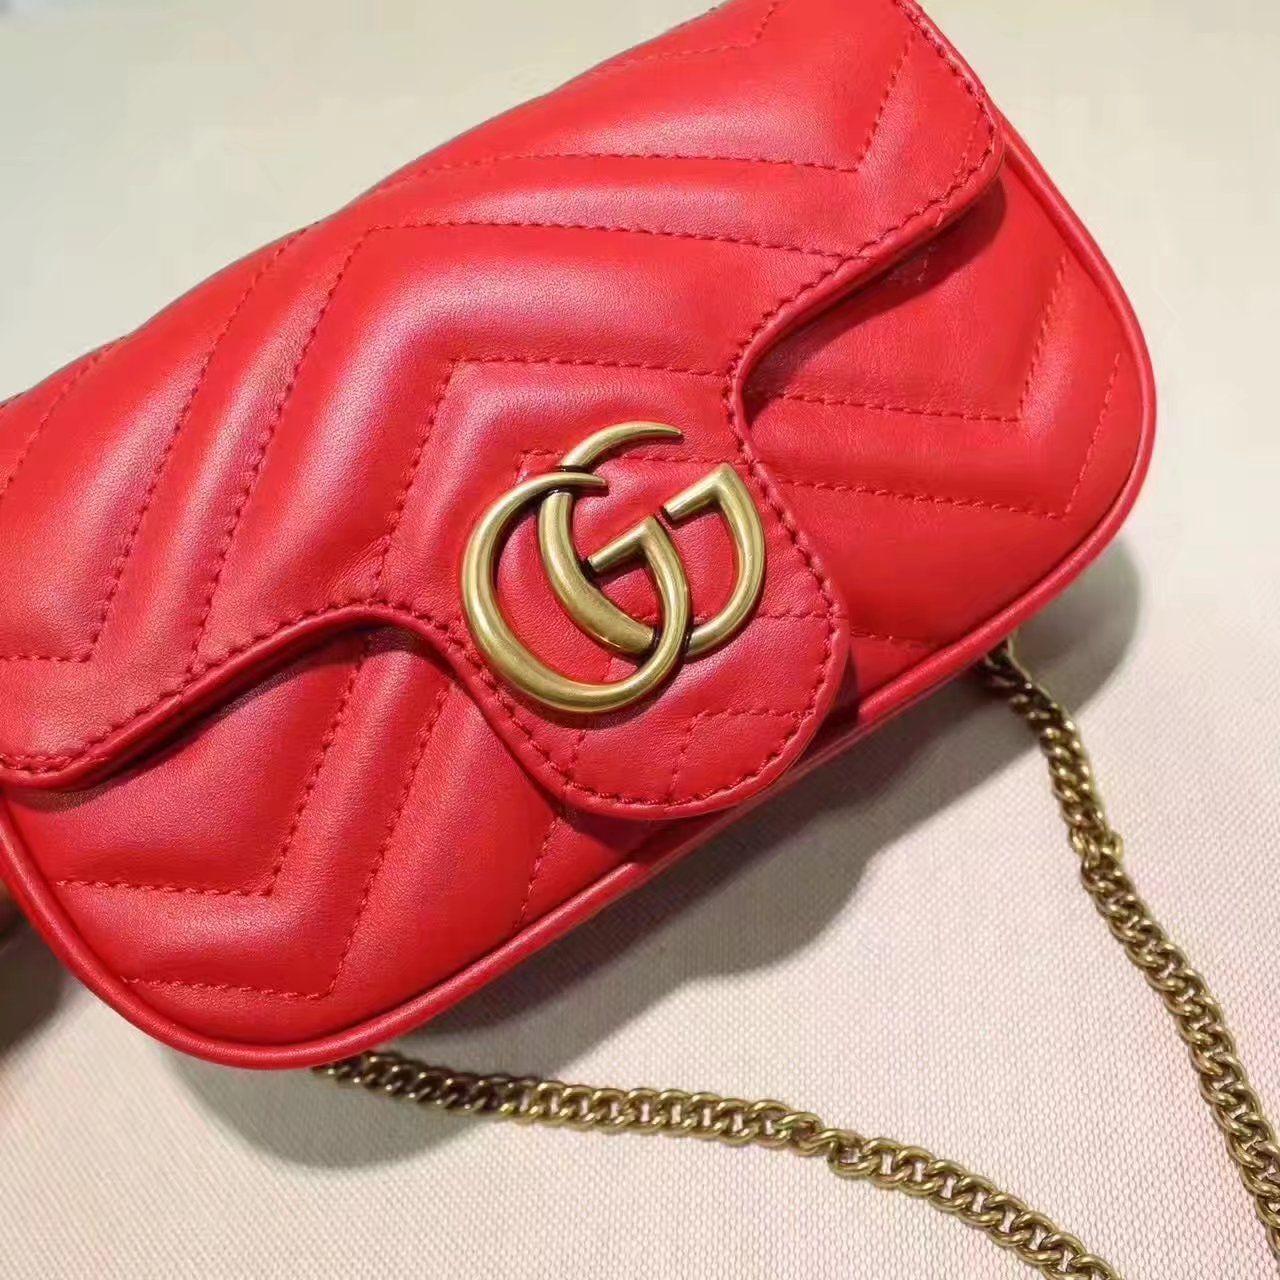 0fa5ed63c342 Replica GUCCI GG Marmont matelasse leather super mini bag red ID 31678